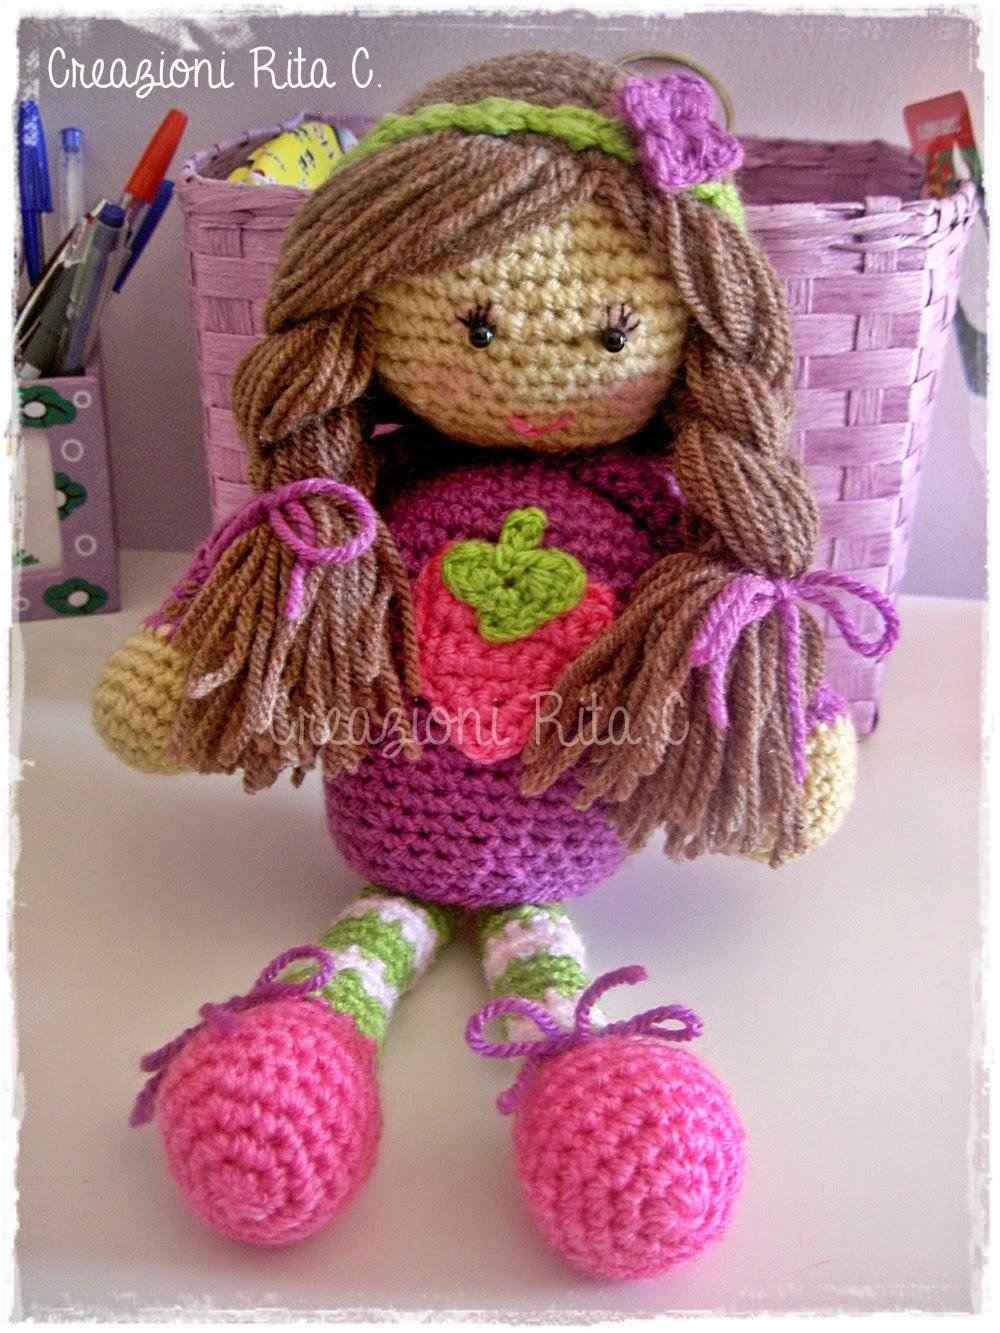 Amigurumi Tutorial Bamboline : Creazioni Rita C. ... Only Handmade!: Le mie Bamboline ...